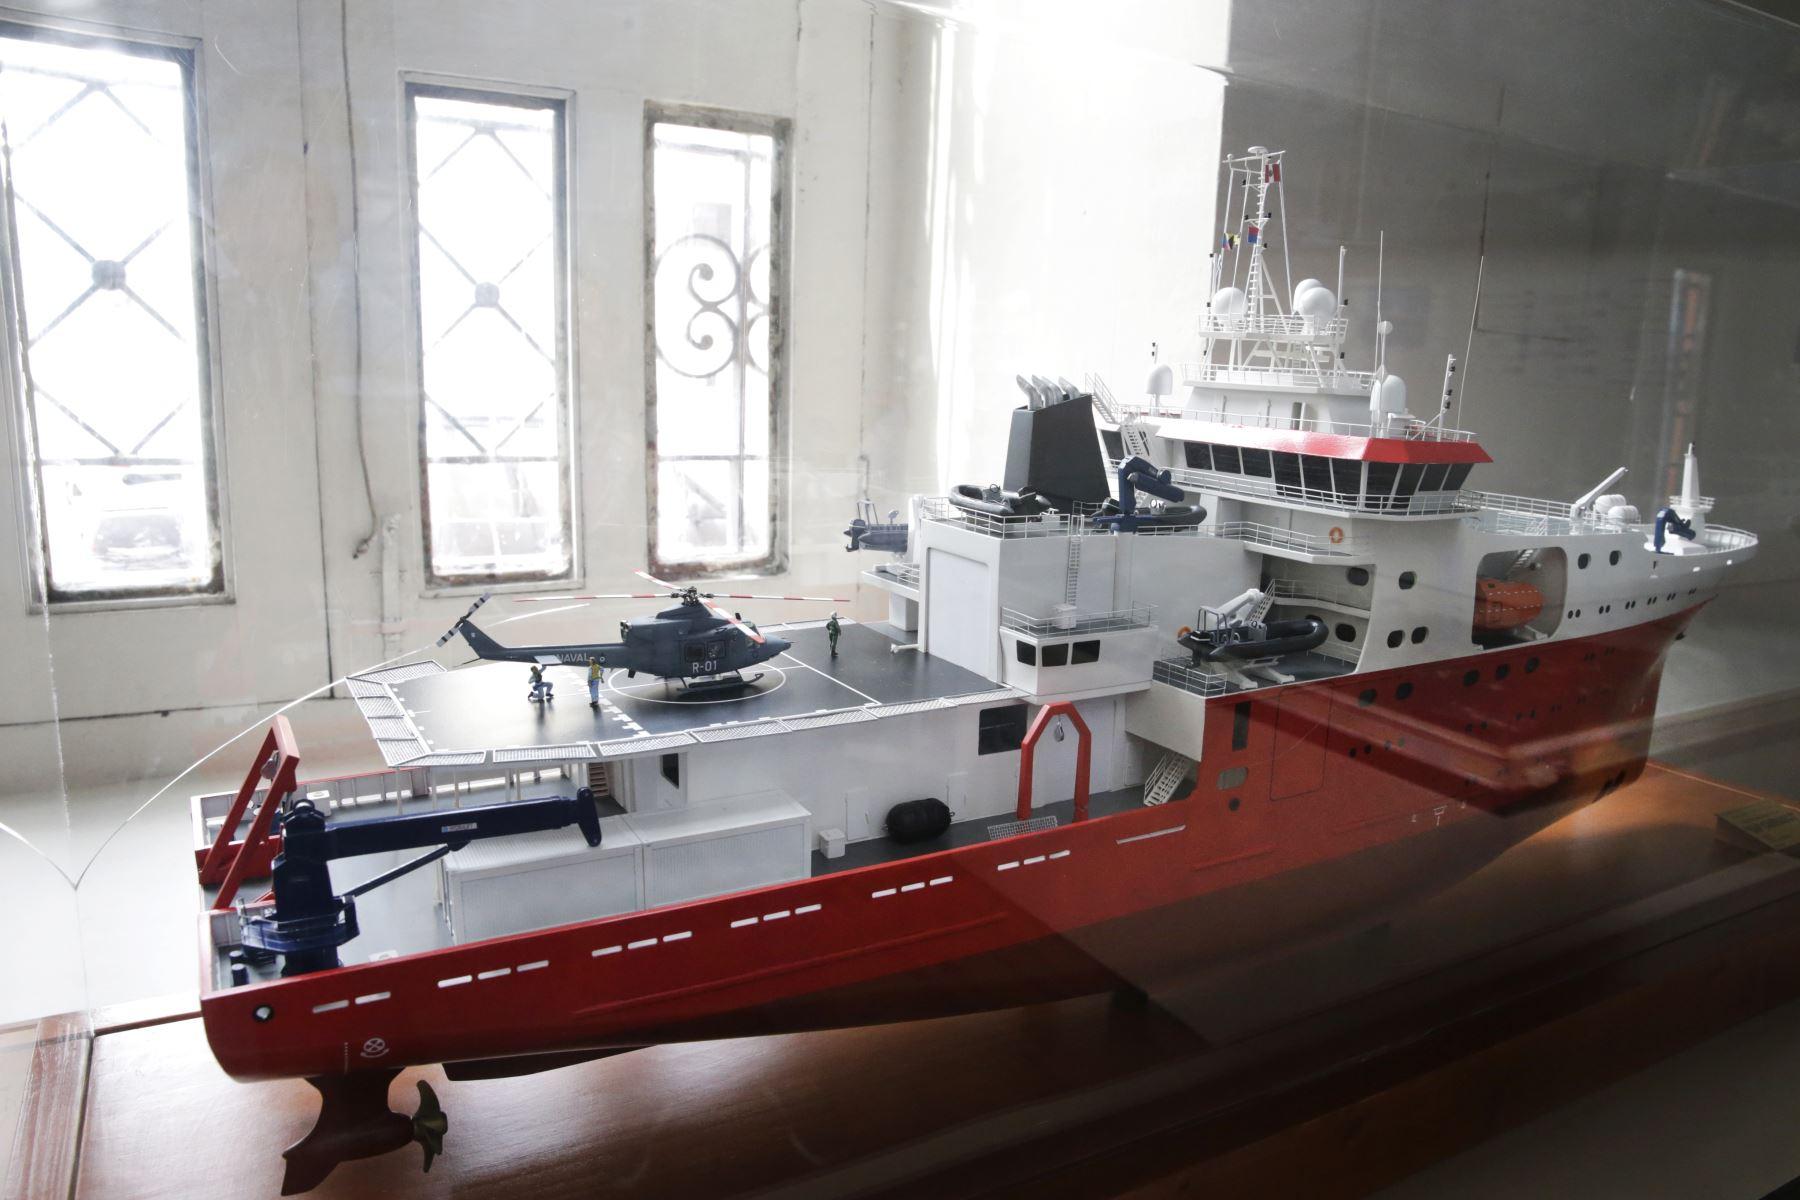 Museo Naval. Maqueta del BAP CARRASCO buque hidrografico que se incorporó este año a la Armada. Tiene un rompehielos. Su misión es ir a la Antártida. Foto: ANDINA/Melina Mejía